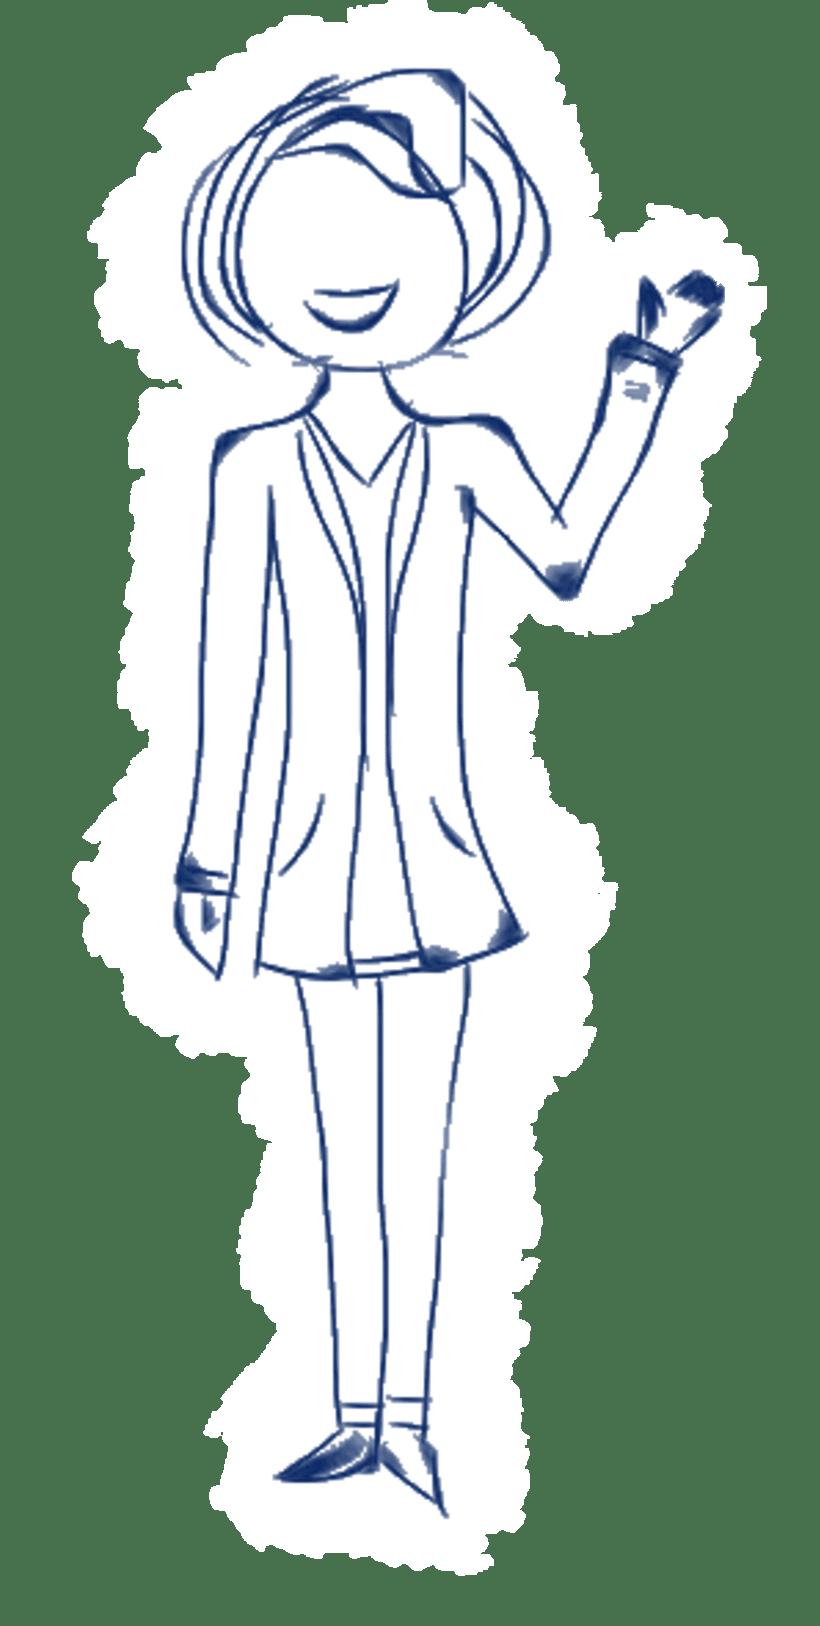 EDITORIAL/ILUSTRACIÓN - Sketch de propuesta para libreto (proyecto gráfico, maquetación y ilustración) 0